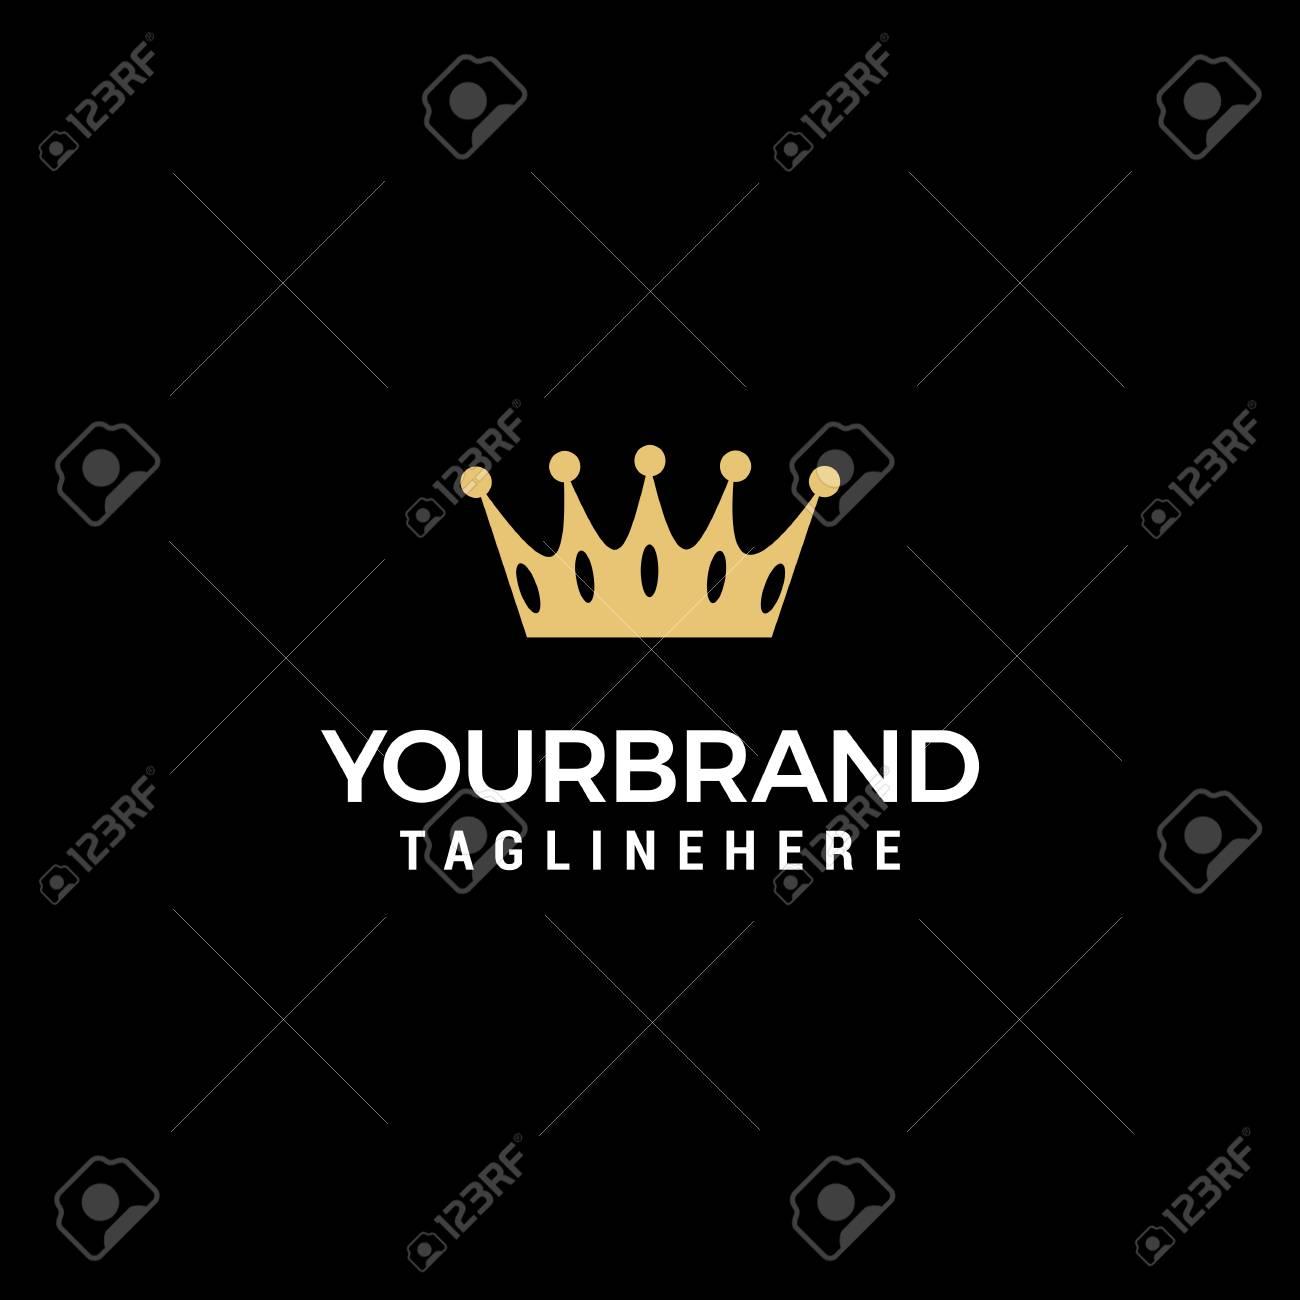 Creative Crown Concept Logo Design Template - 113802018